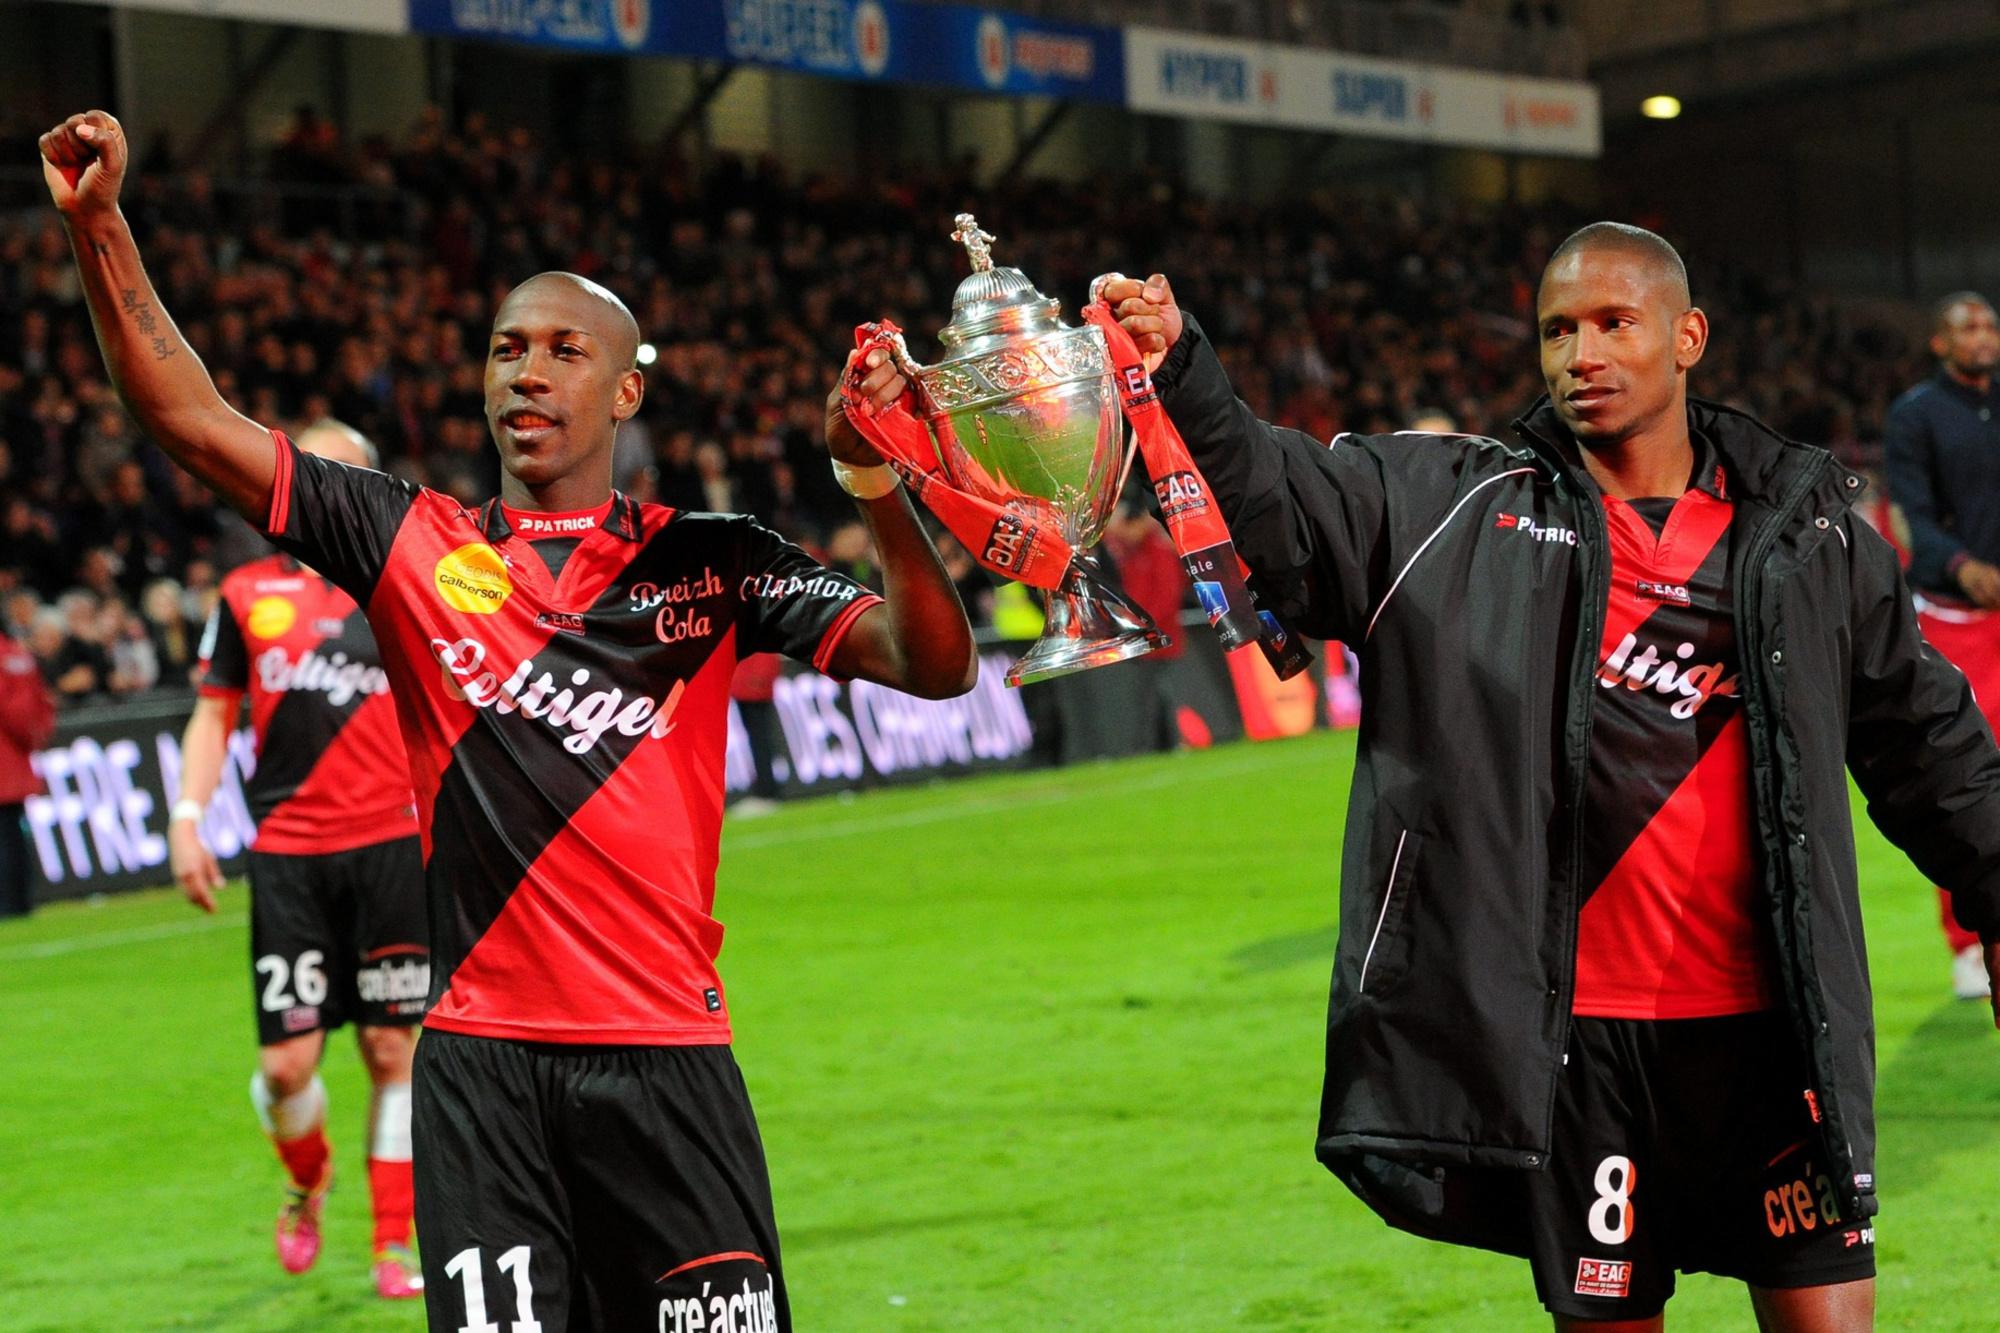 Avec la Coupe de France, remportée avec Gungamp., belga